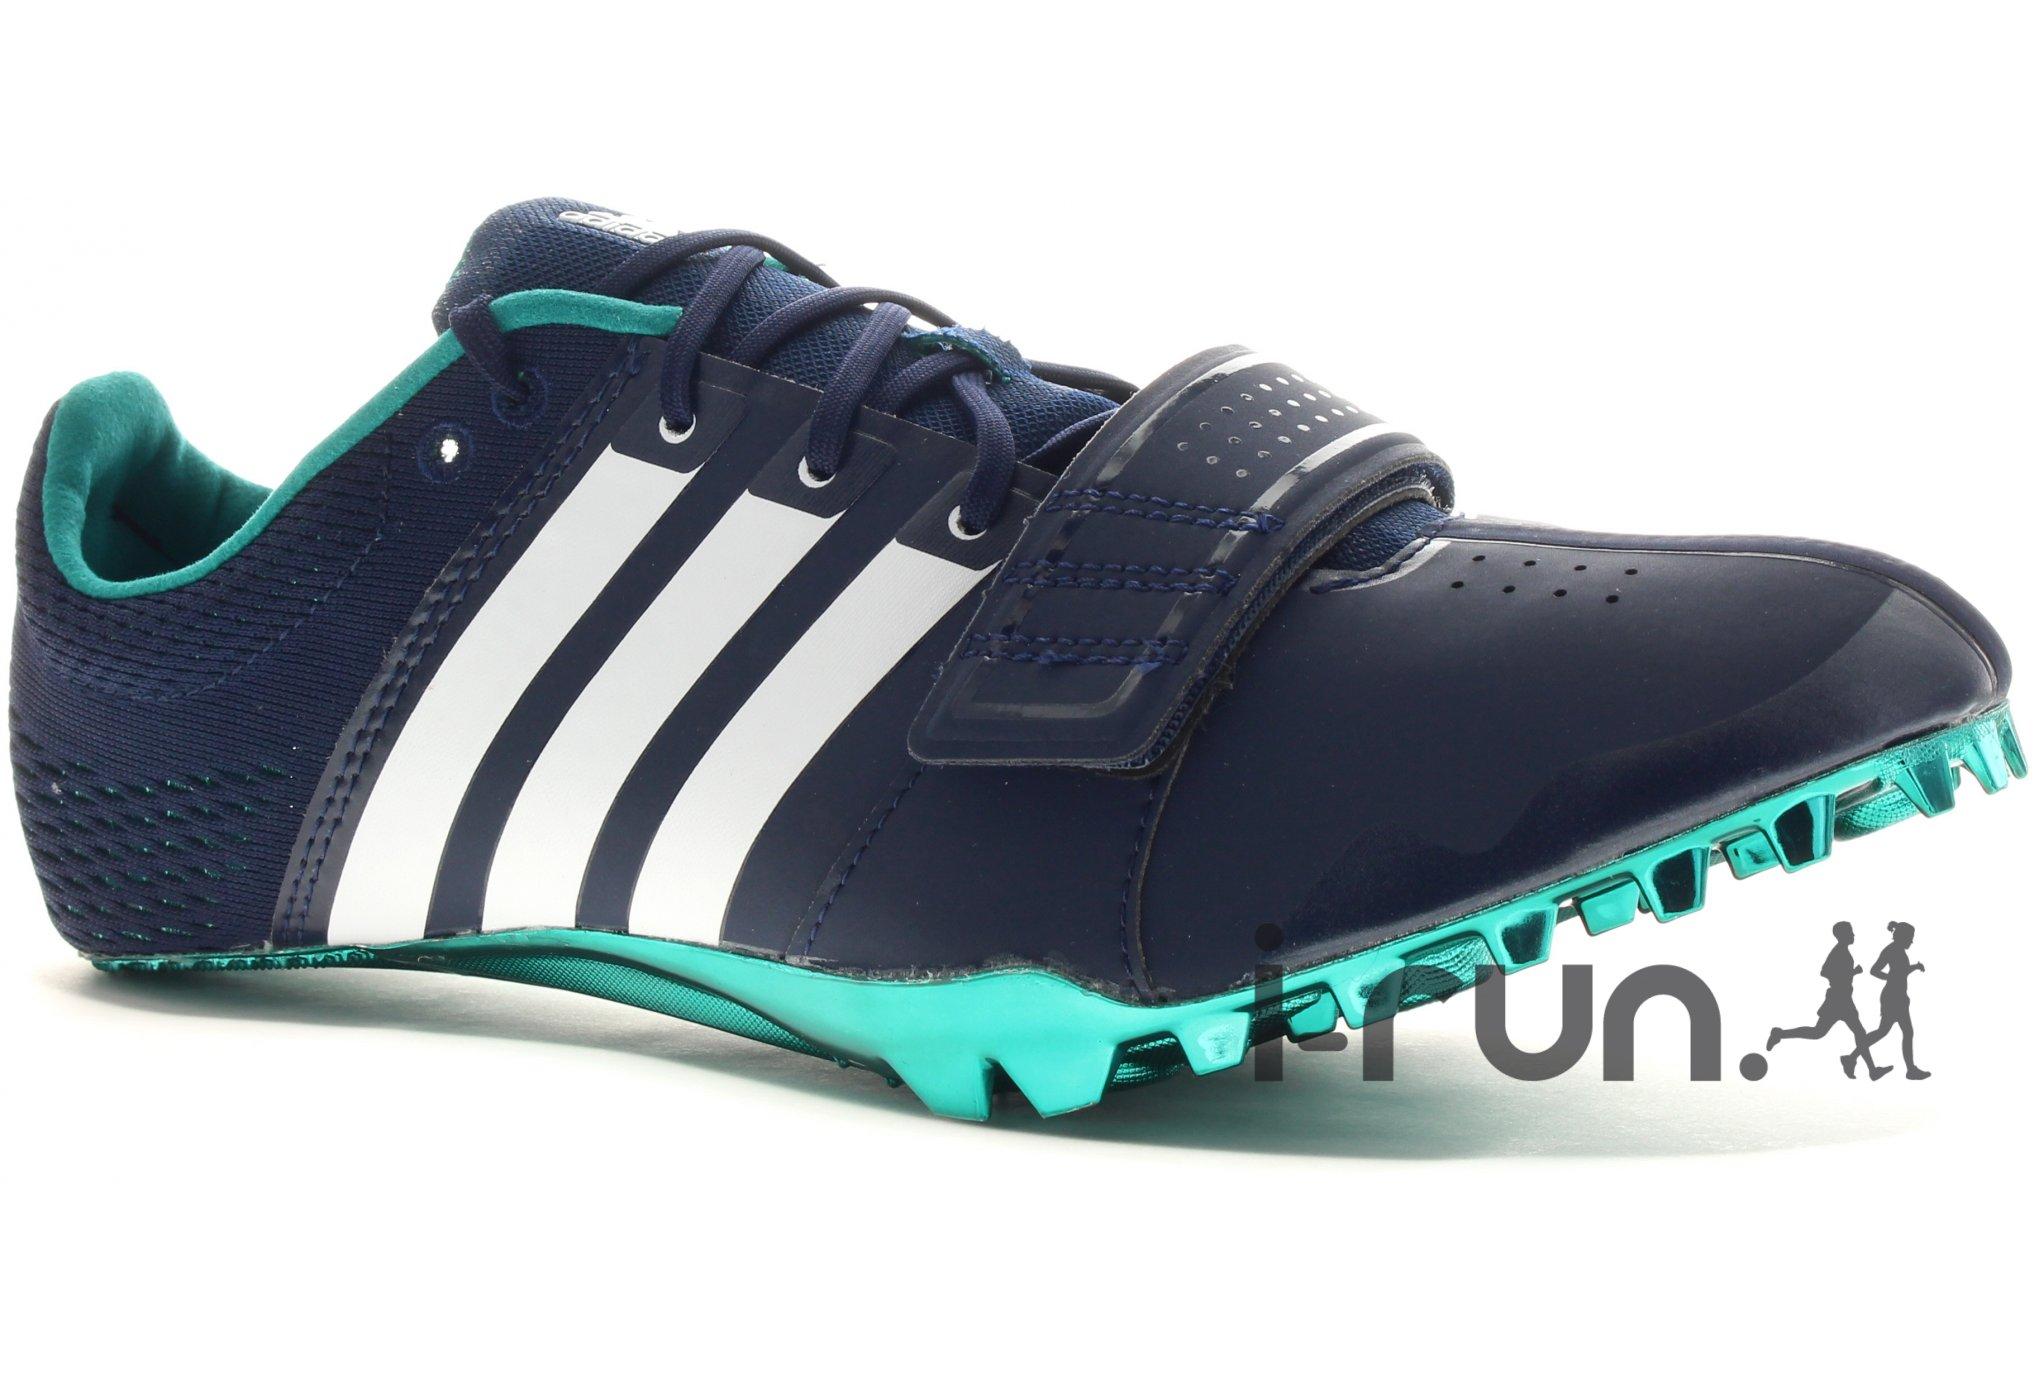 Adidas,adidas Adidas,adidas Pointes Pointes Adidas,adidas Chaussures Chaussures Pointes Adidas,adidas Pointes Adidas,adidas Chaussures Chaussures Ibv7gyYf6